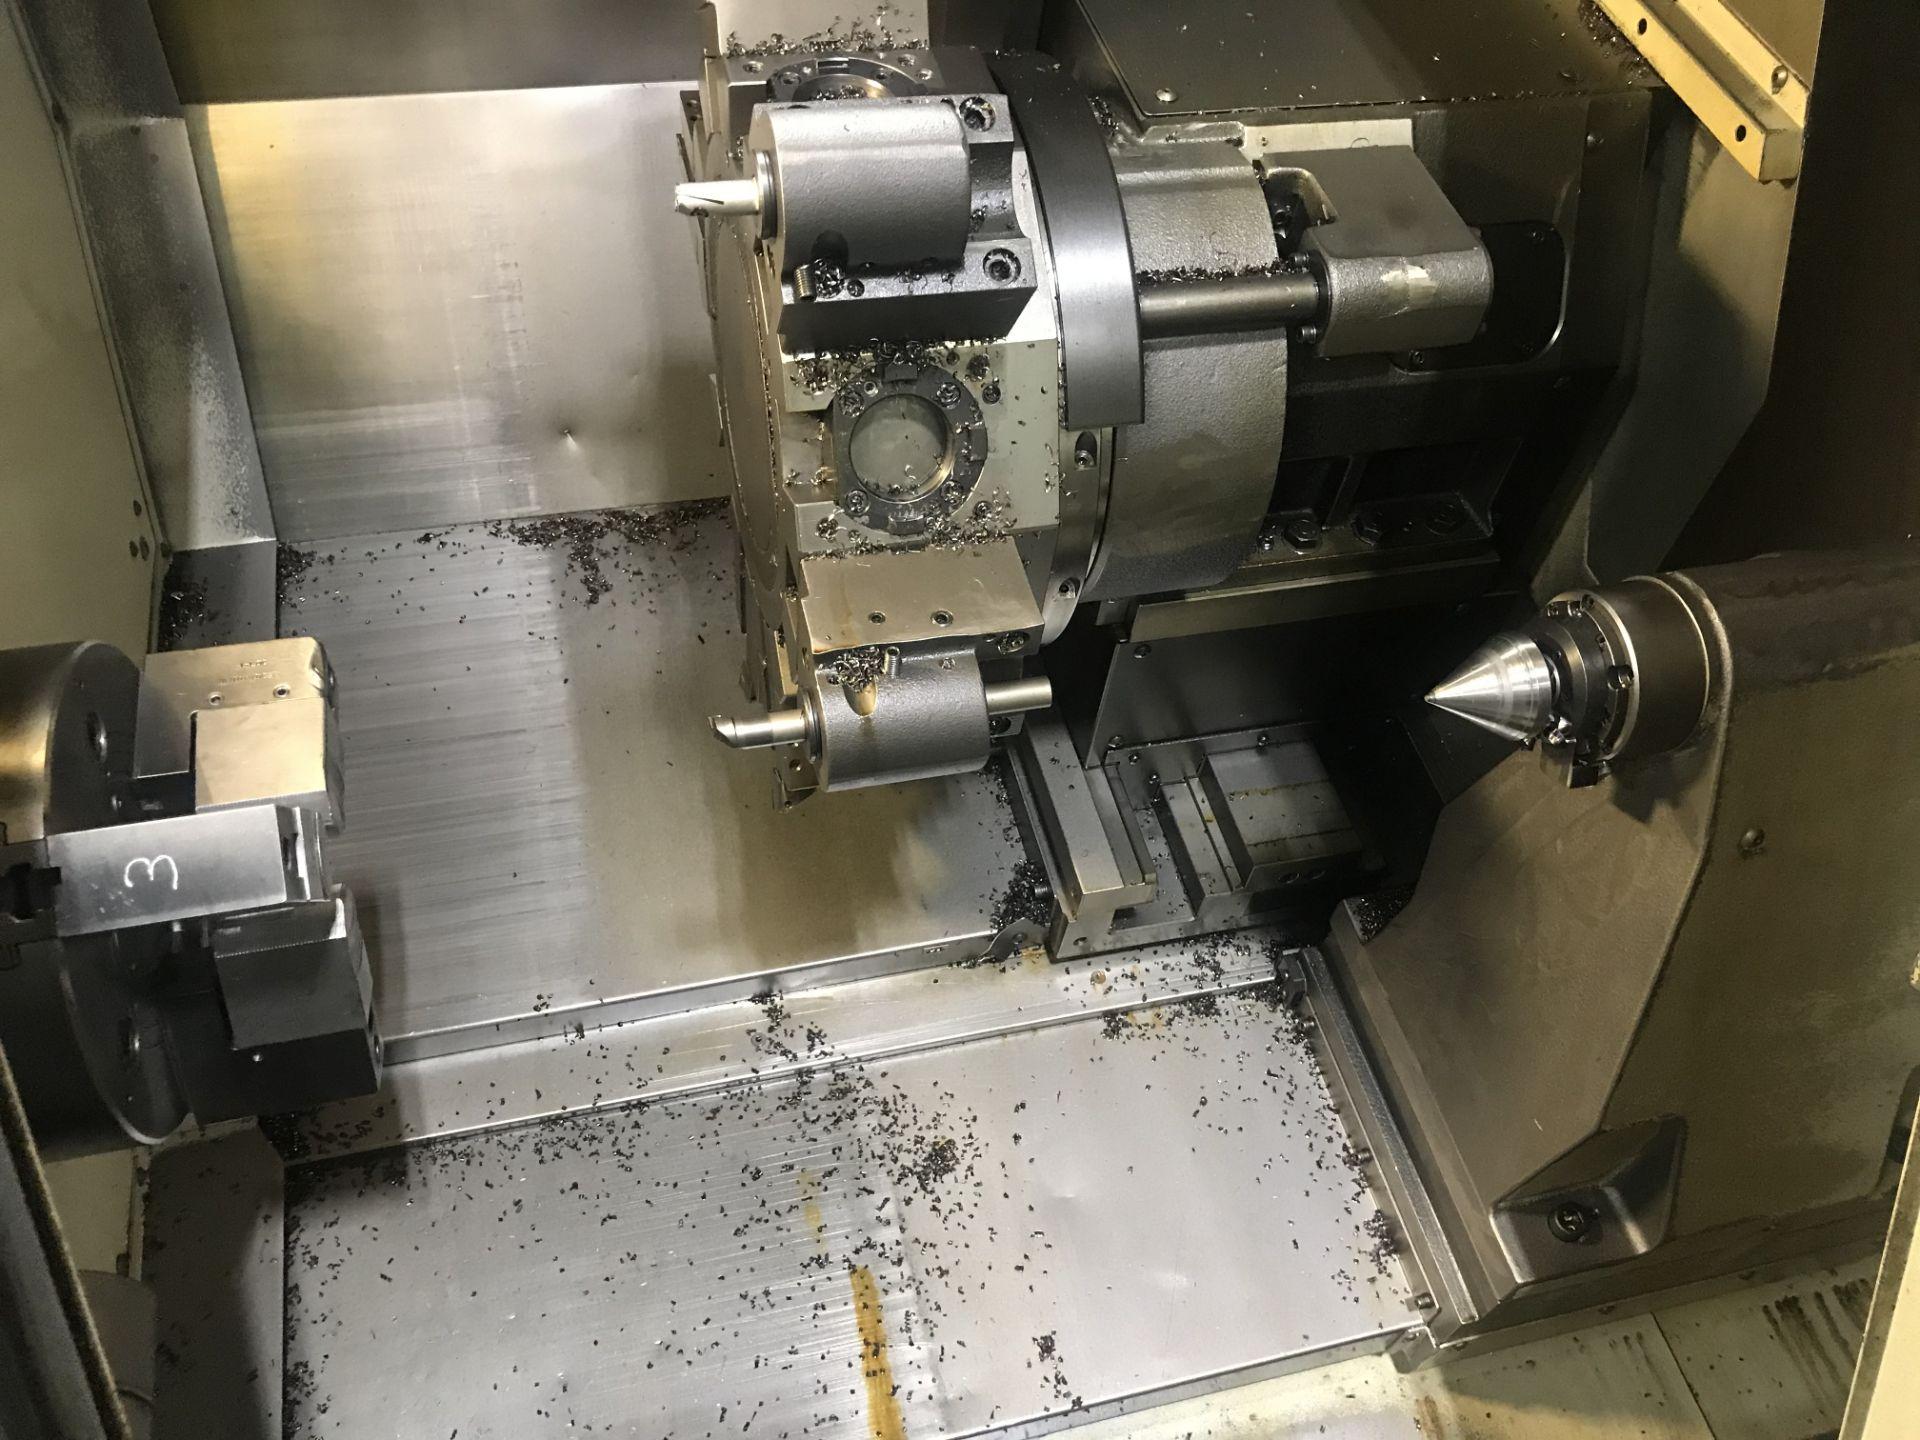 2006 Mori Seiki NL2500/700 CNC Turning Center - Image 3 of 12